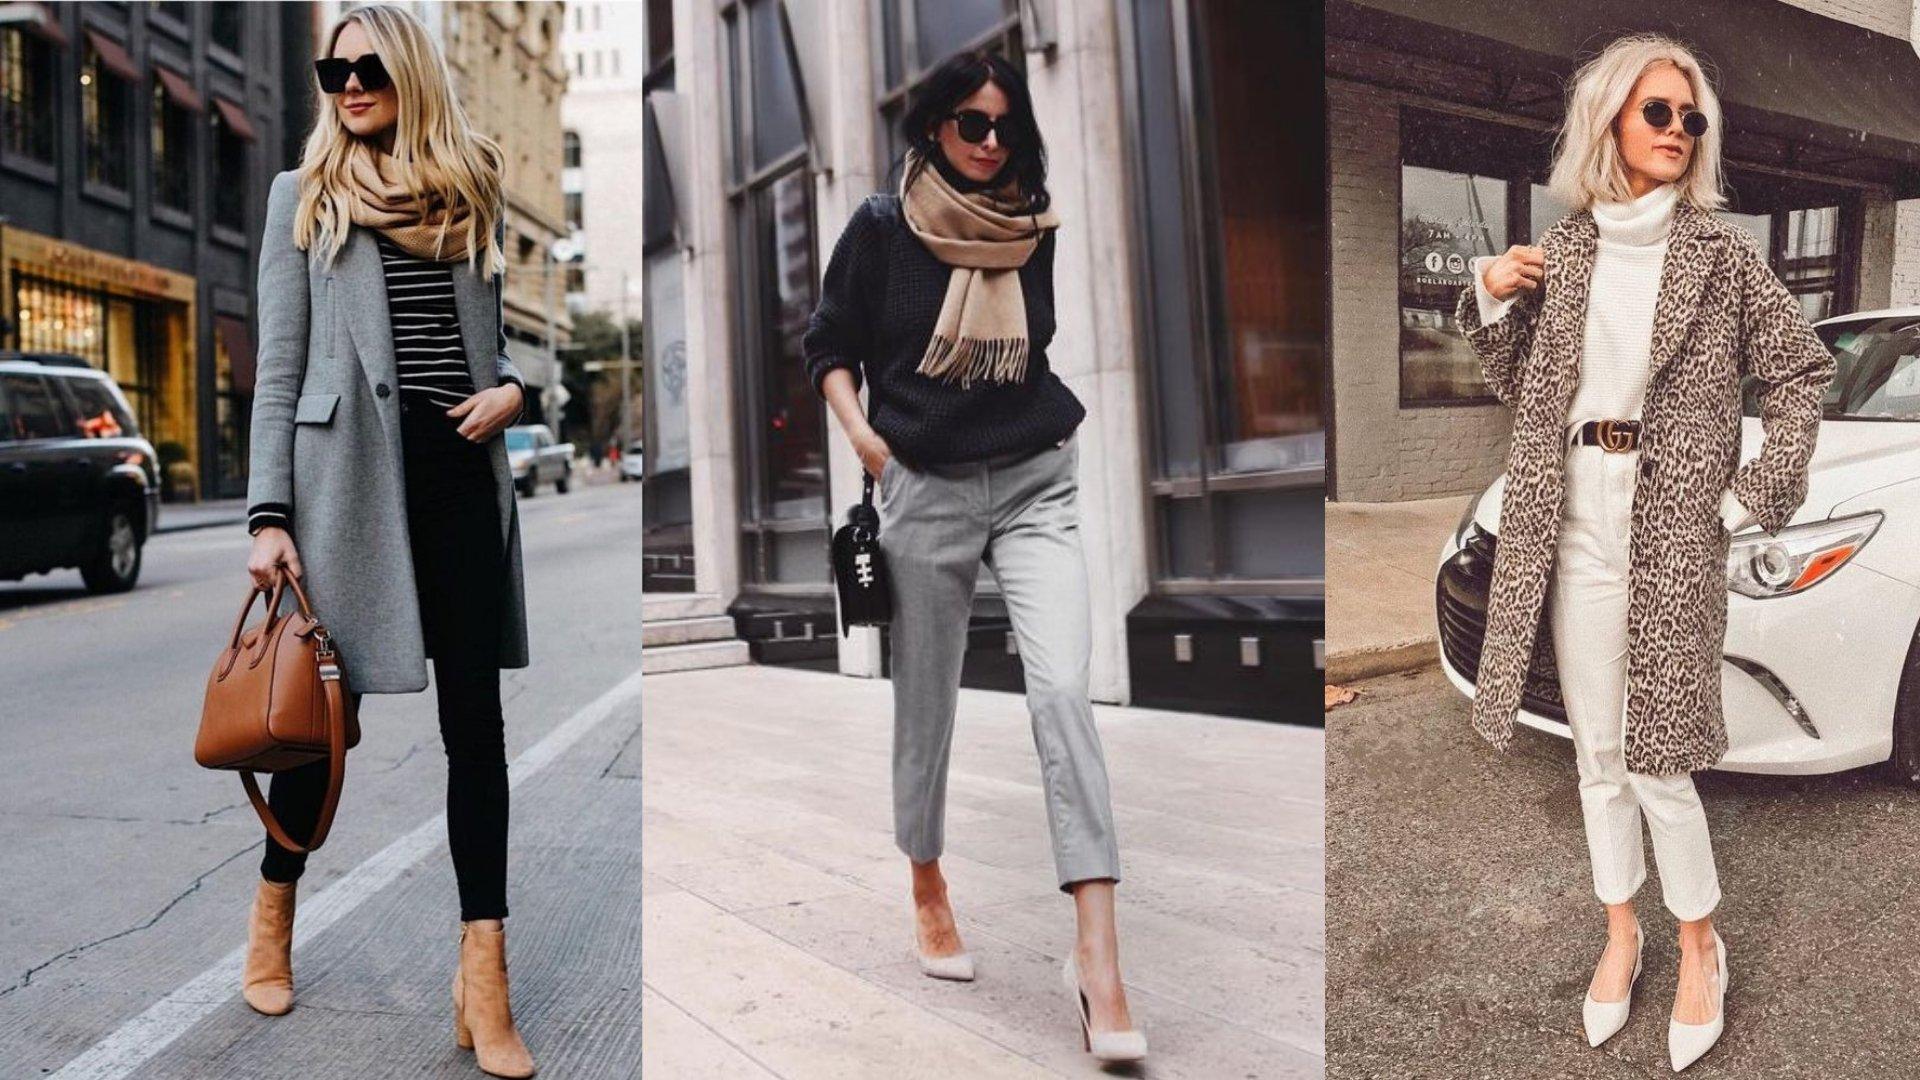 3bad09b7 Spodnie damskie: 10 wskazówek, które pomogą Ci wybrać najlepsze